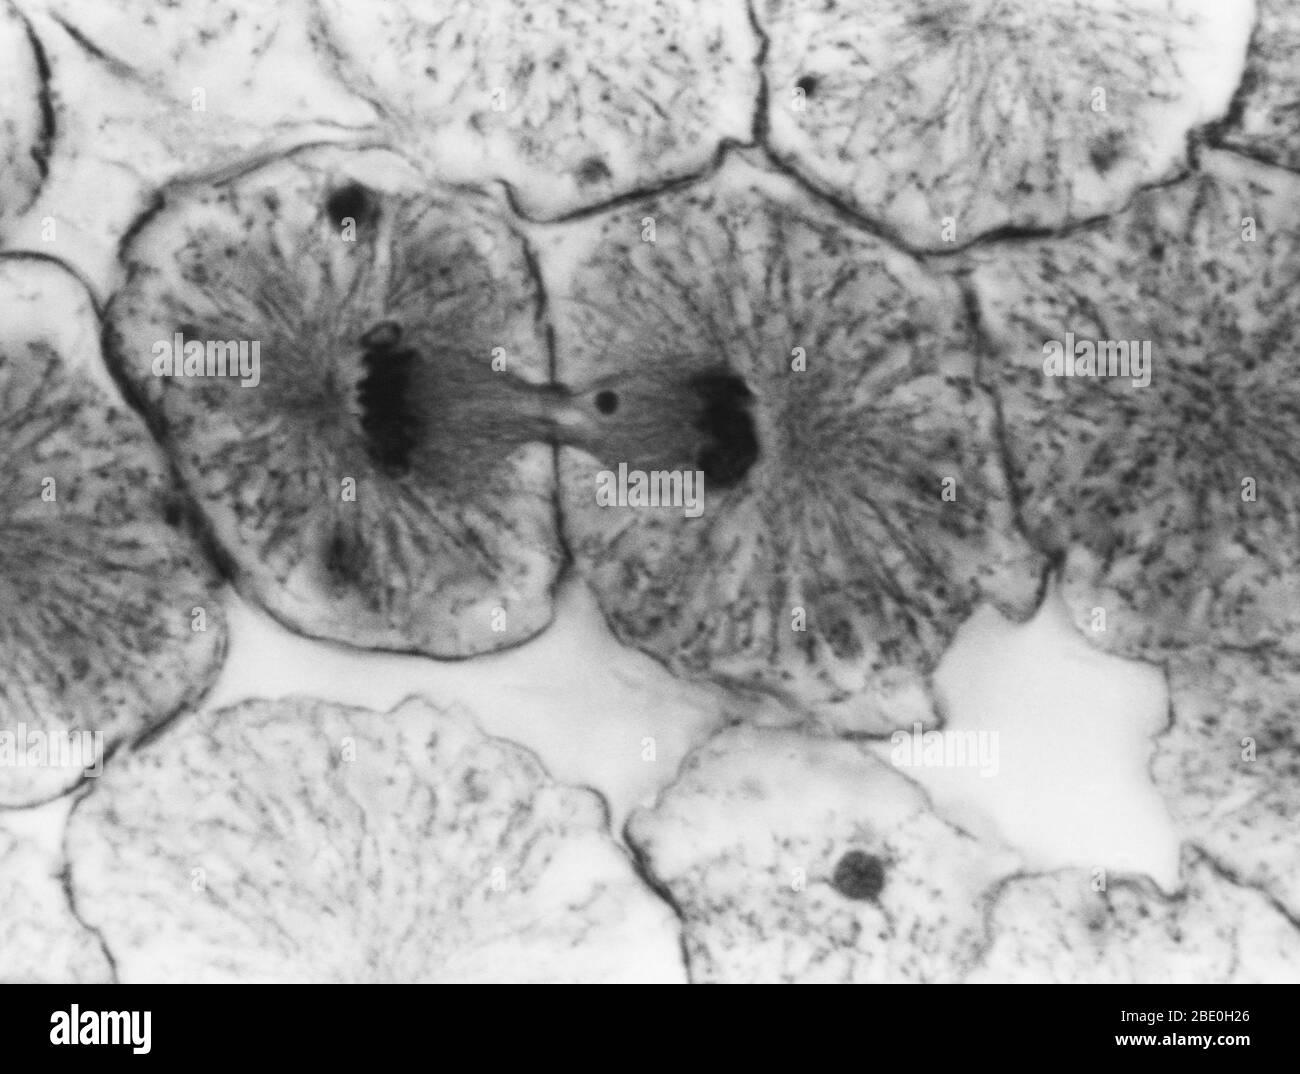 Micrographe léger montrant la mitose dans la blastula de corégone, la telophase. Aucun agrandissement donné. Mitose, la méthode habituelle de division cellulaire, caractérisée typiquement par la résolution de la chromatine du noyau en une forme de thrélike, qui se condense en chromosomes, chacun d'eux se sépare longitudinalement en deux parties, une partie de chaque chromosome étant retenue dans chacune des deux nouvelles cellules résultant de la cellule d'origine. Les quatre principales phases de la mitose sont la prophase, la métaphase, l'anaphase et la télophase. Blastula, un embryon animal à l'étape immédiatement après la division de l'e fertilisé Banque D'Images